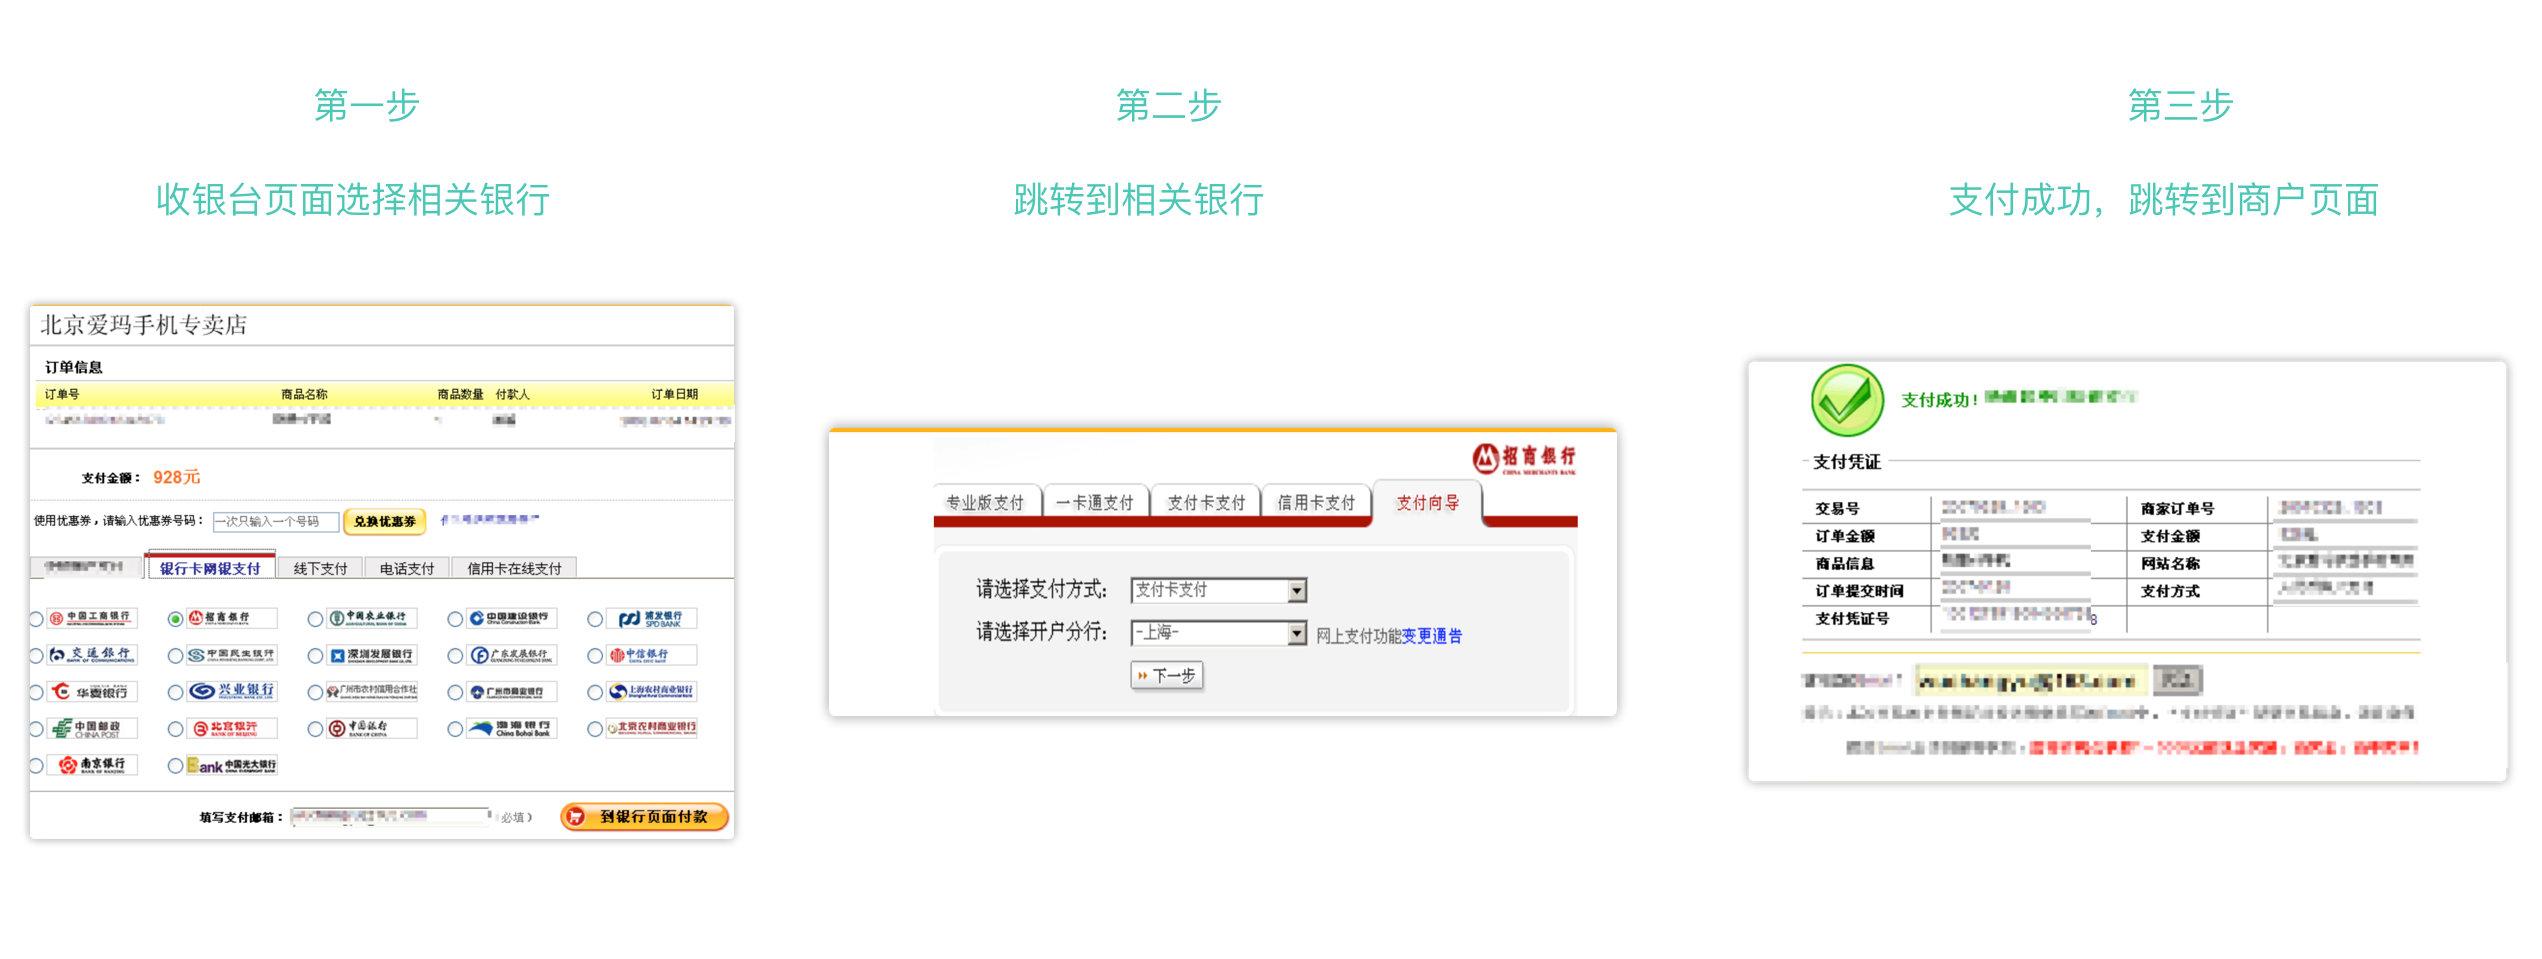 网银支付流程